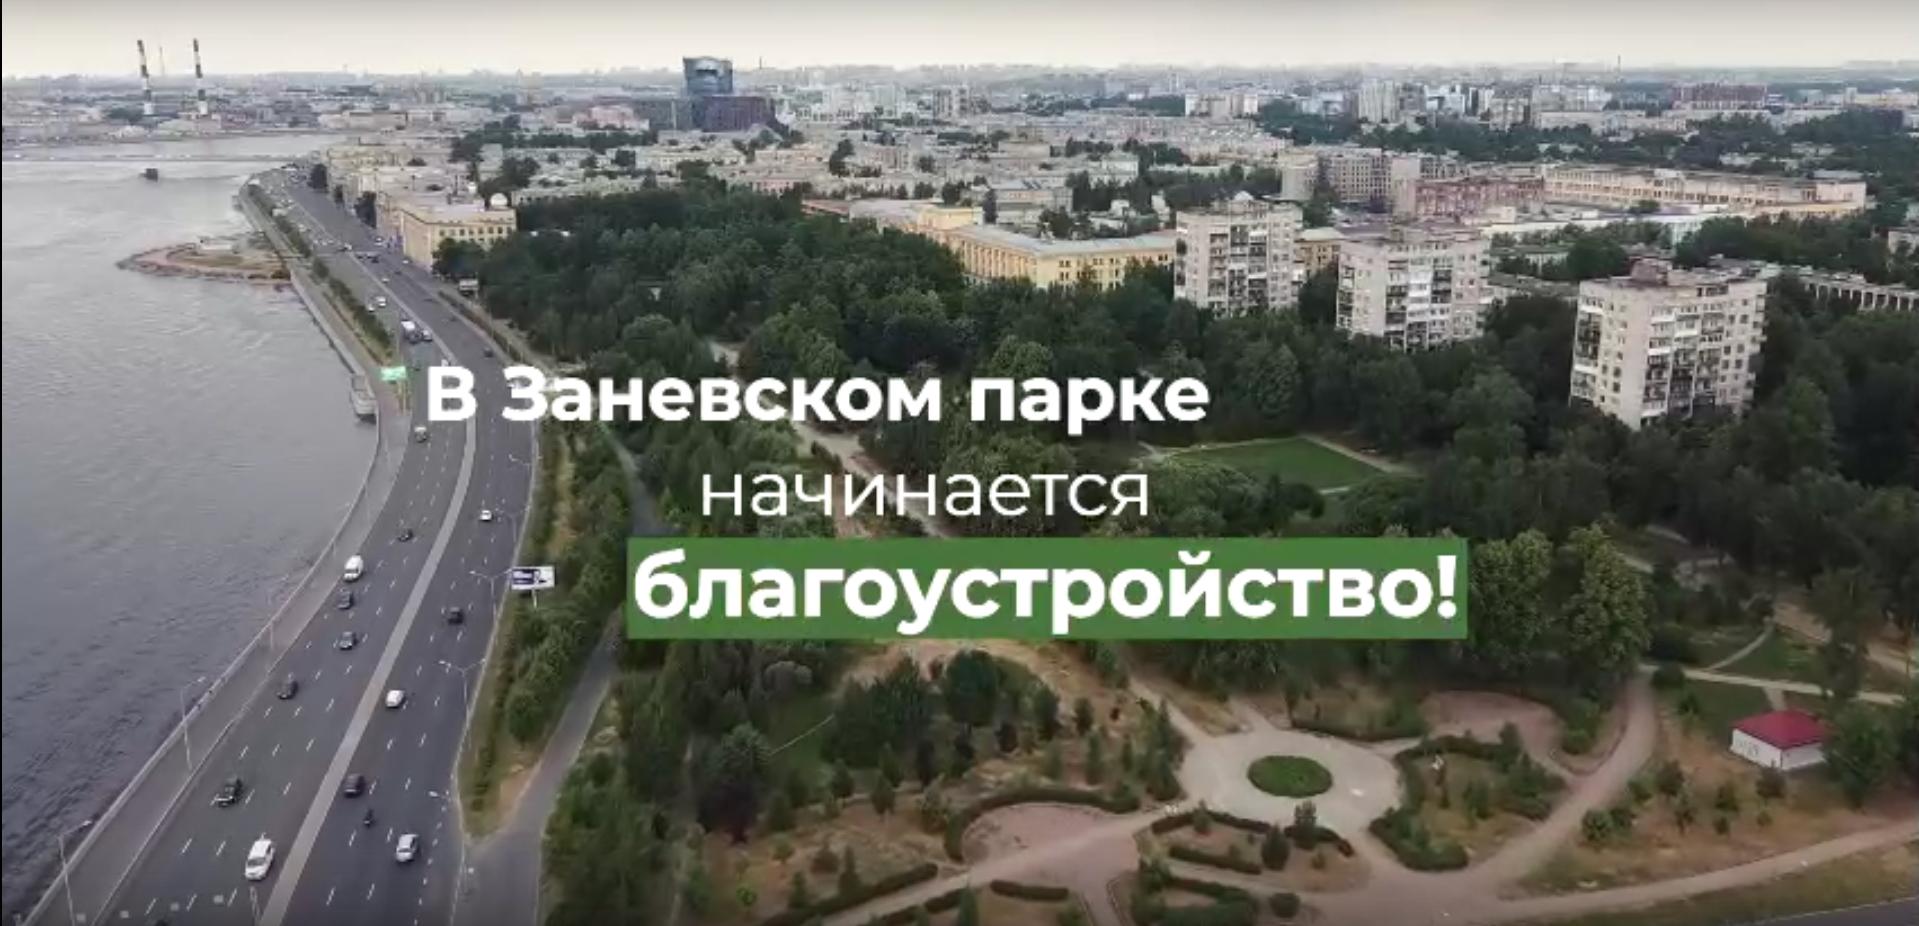 Заневский парк благоустройство